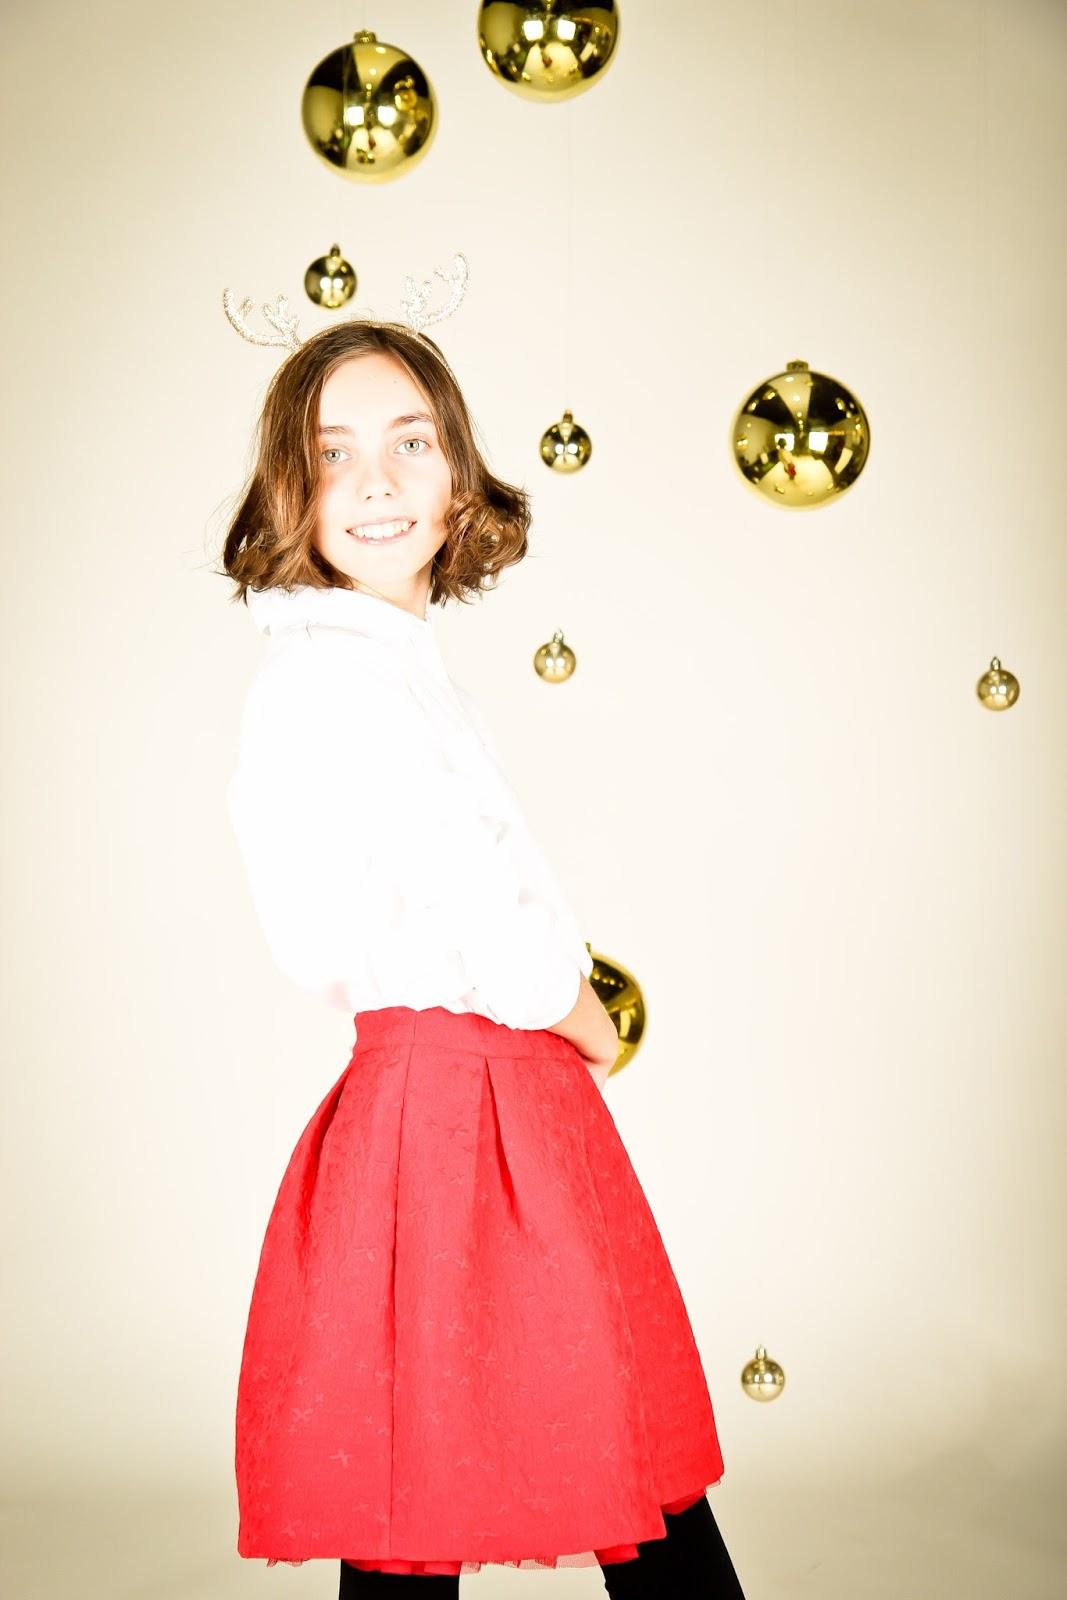 falda de tablas, falda fruncida, falda con vuelo, crepé, volante de tul